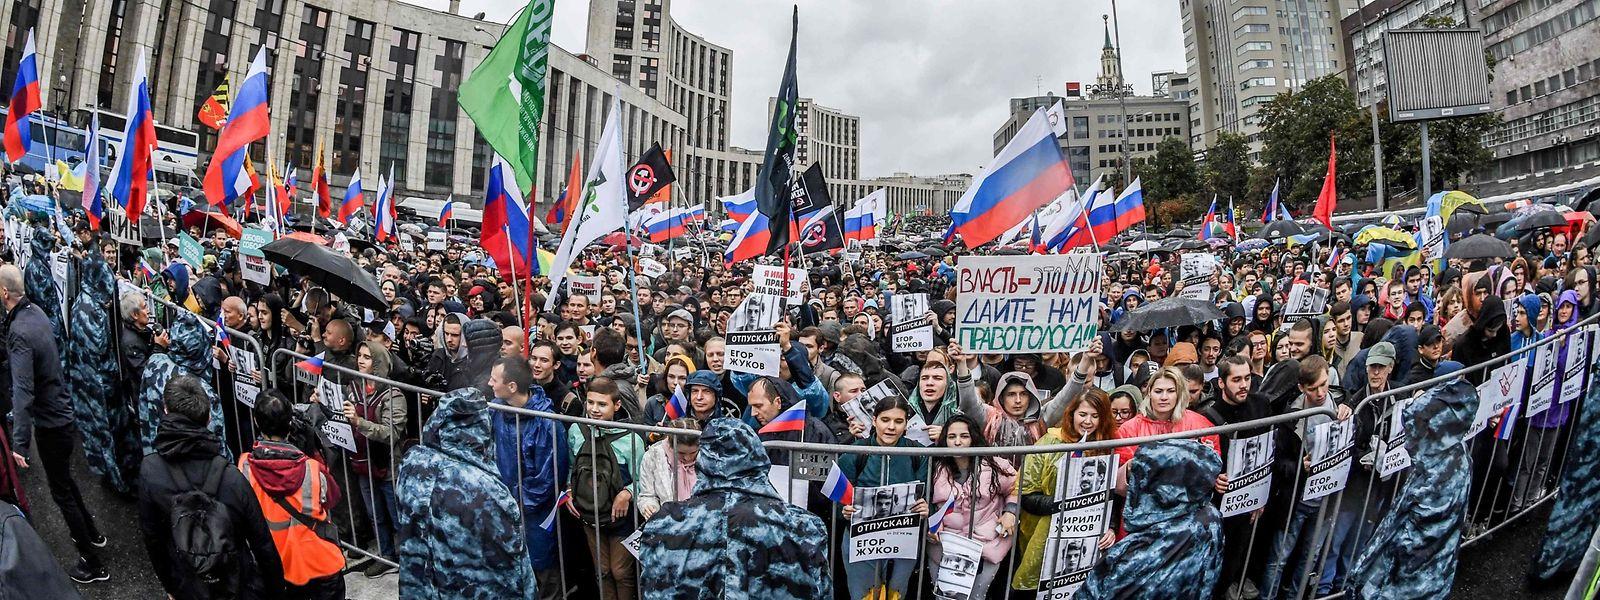 Zehntausende Teilnehmer nahmen an der Kundgebung teil.